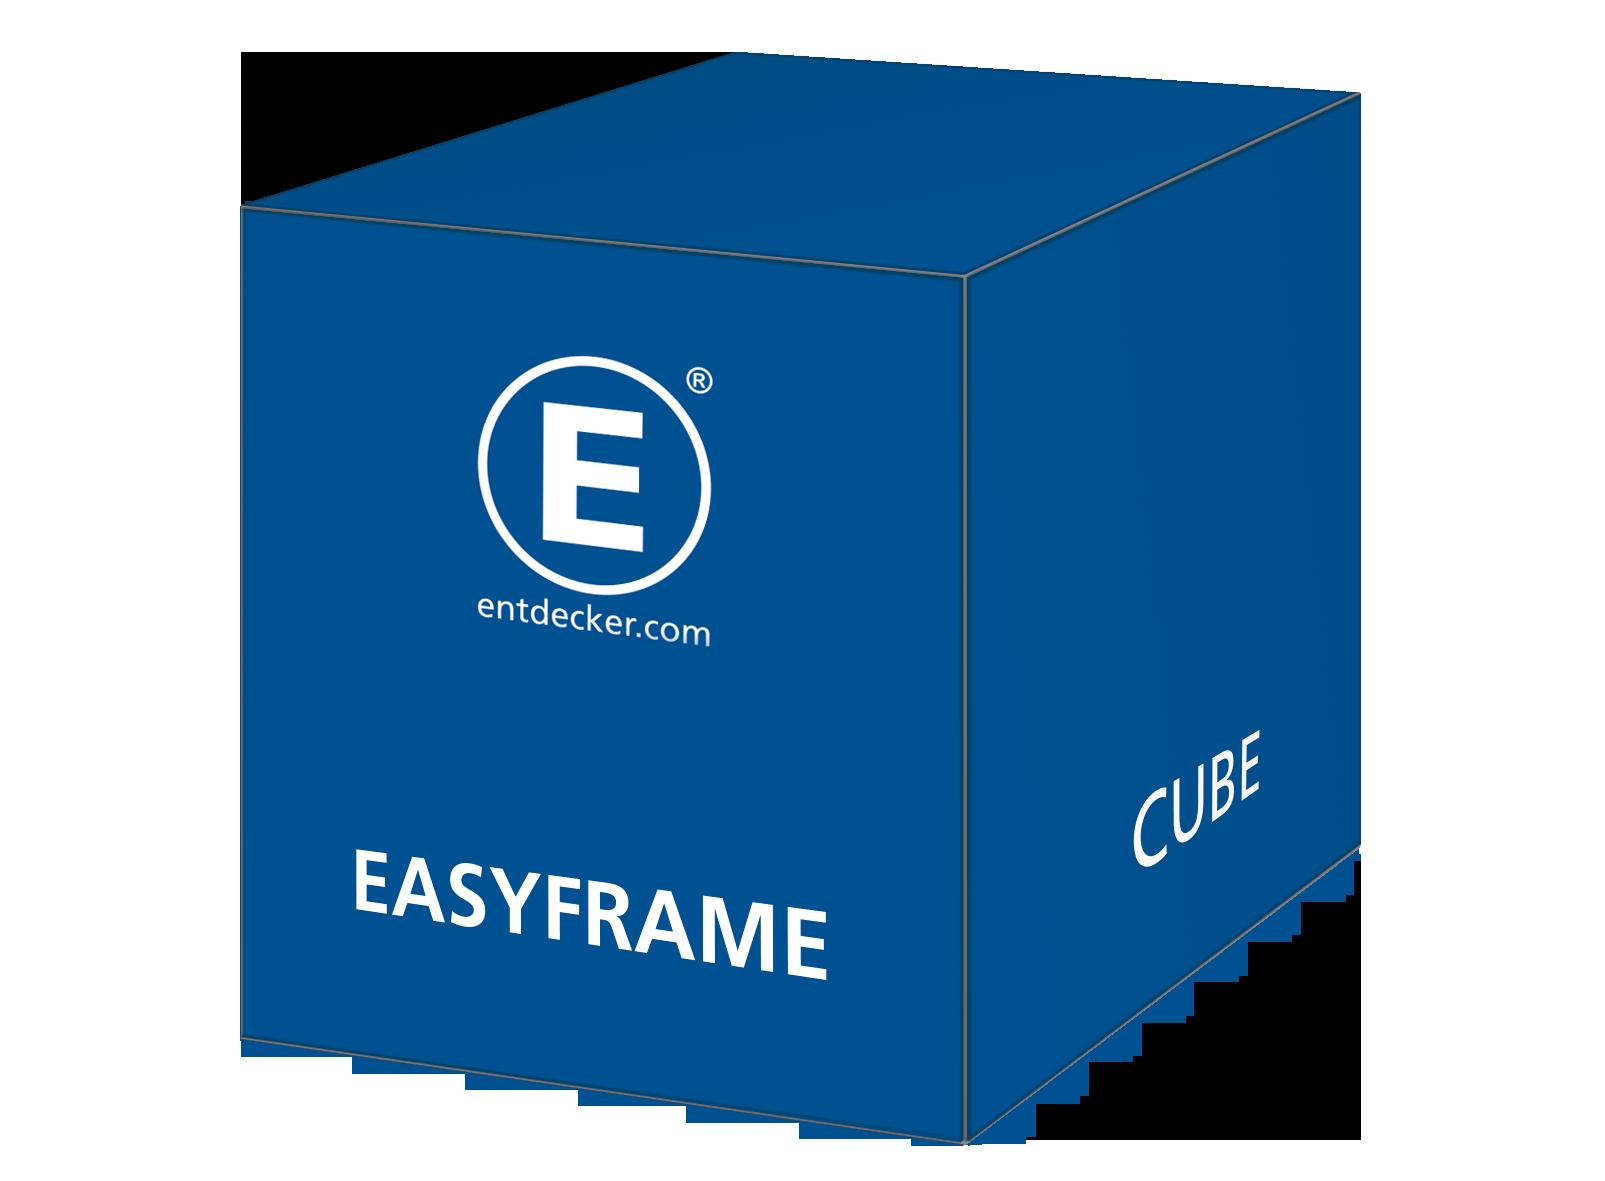 Messewand-Easyframe-CubeeyMmj5wknauO5